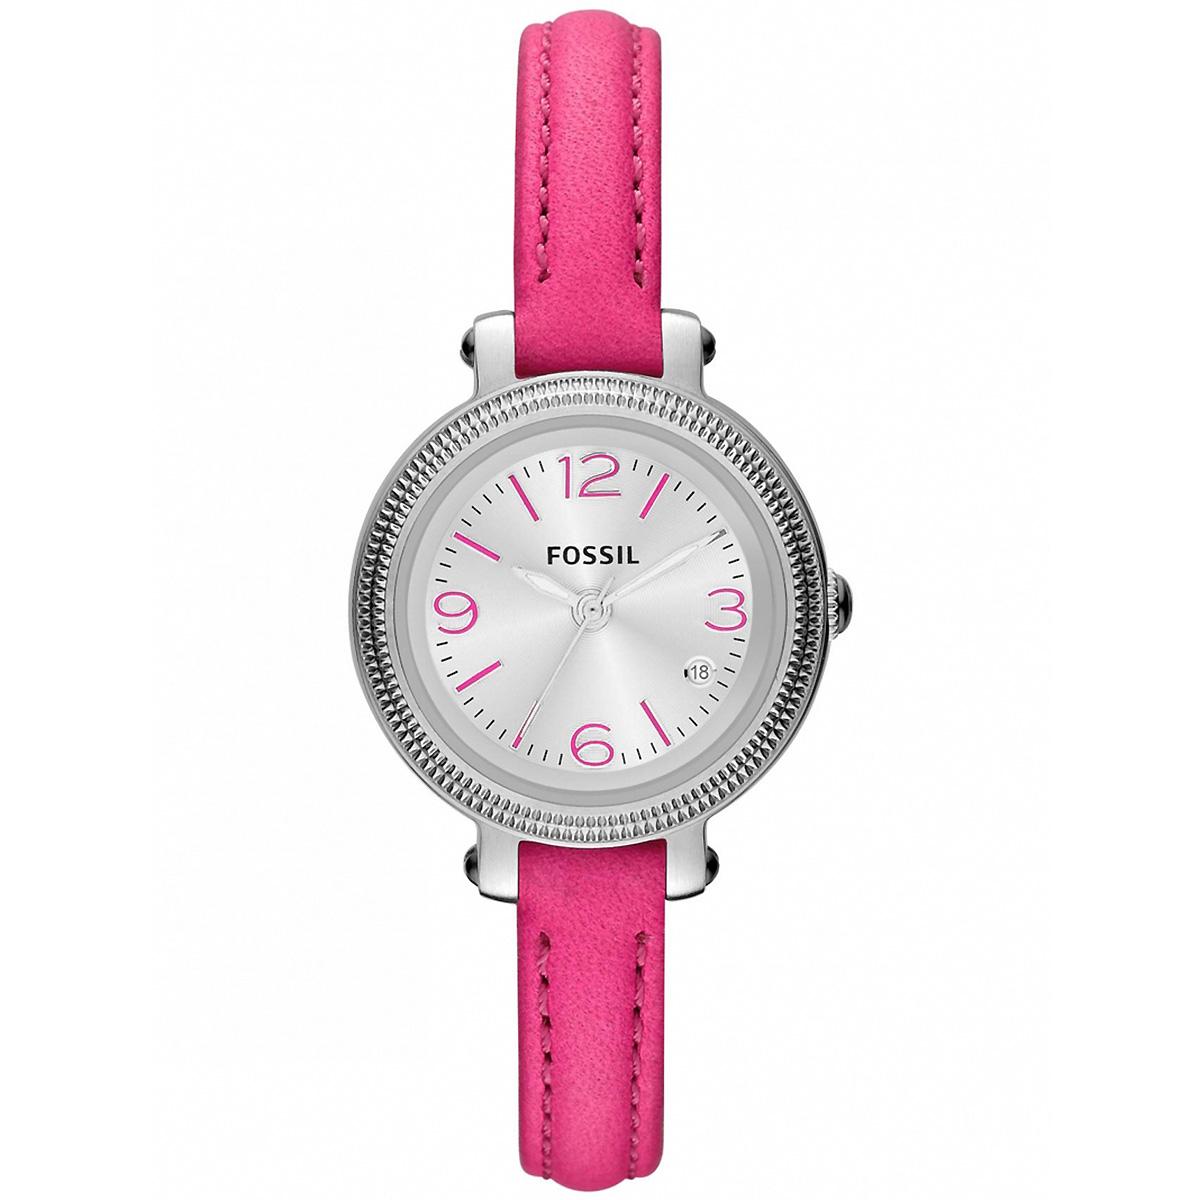 fossil uhr cecile es3302 damenuhr pink lederarmband silber. Black Bedroom Furniture Sets. Home Design Ideas